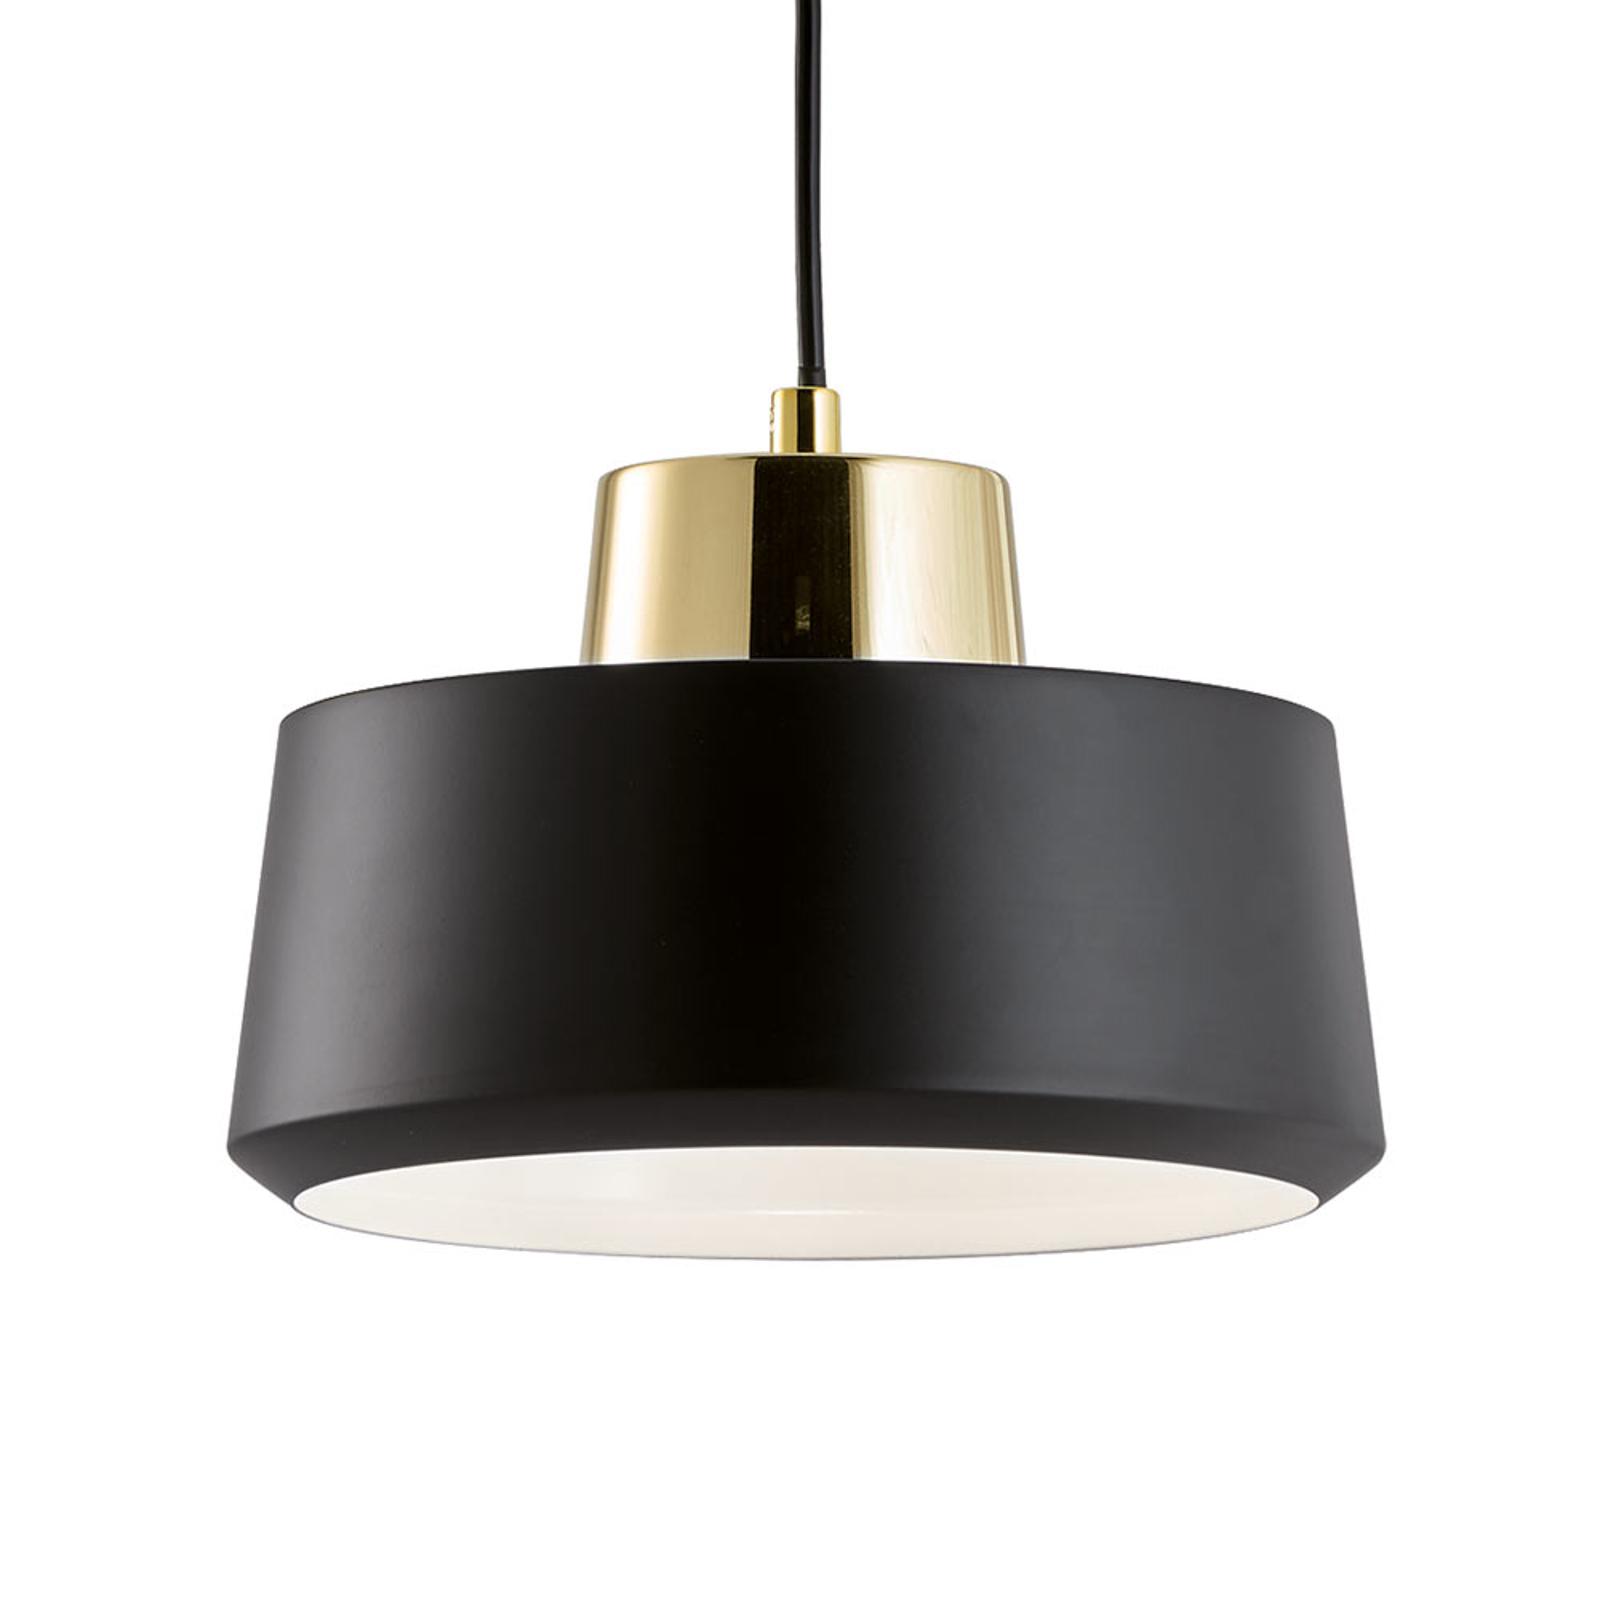 Moma - zwarte hanglamp van metaal